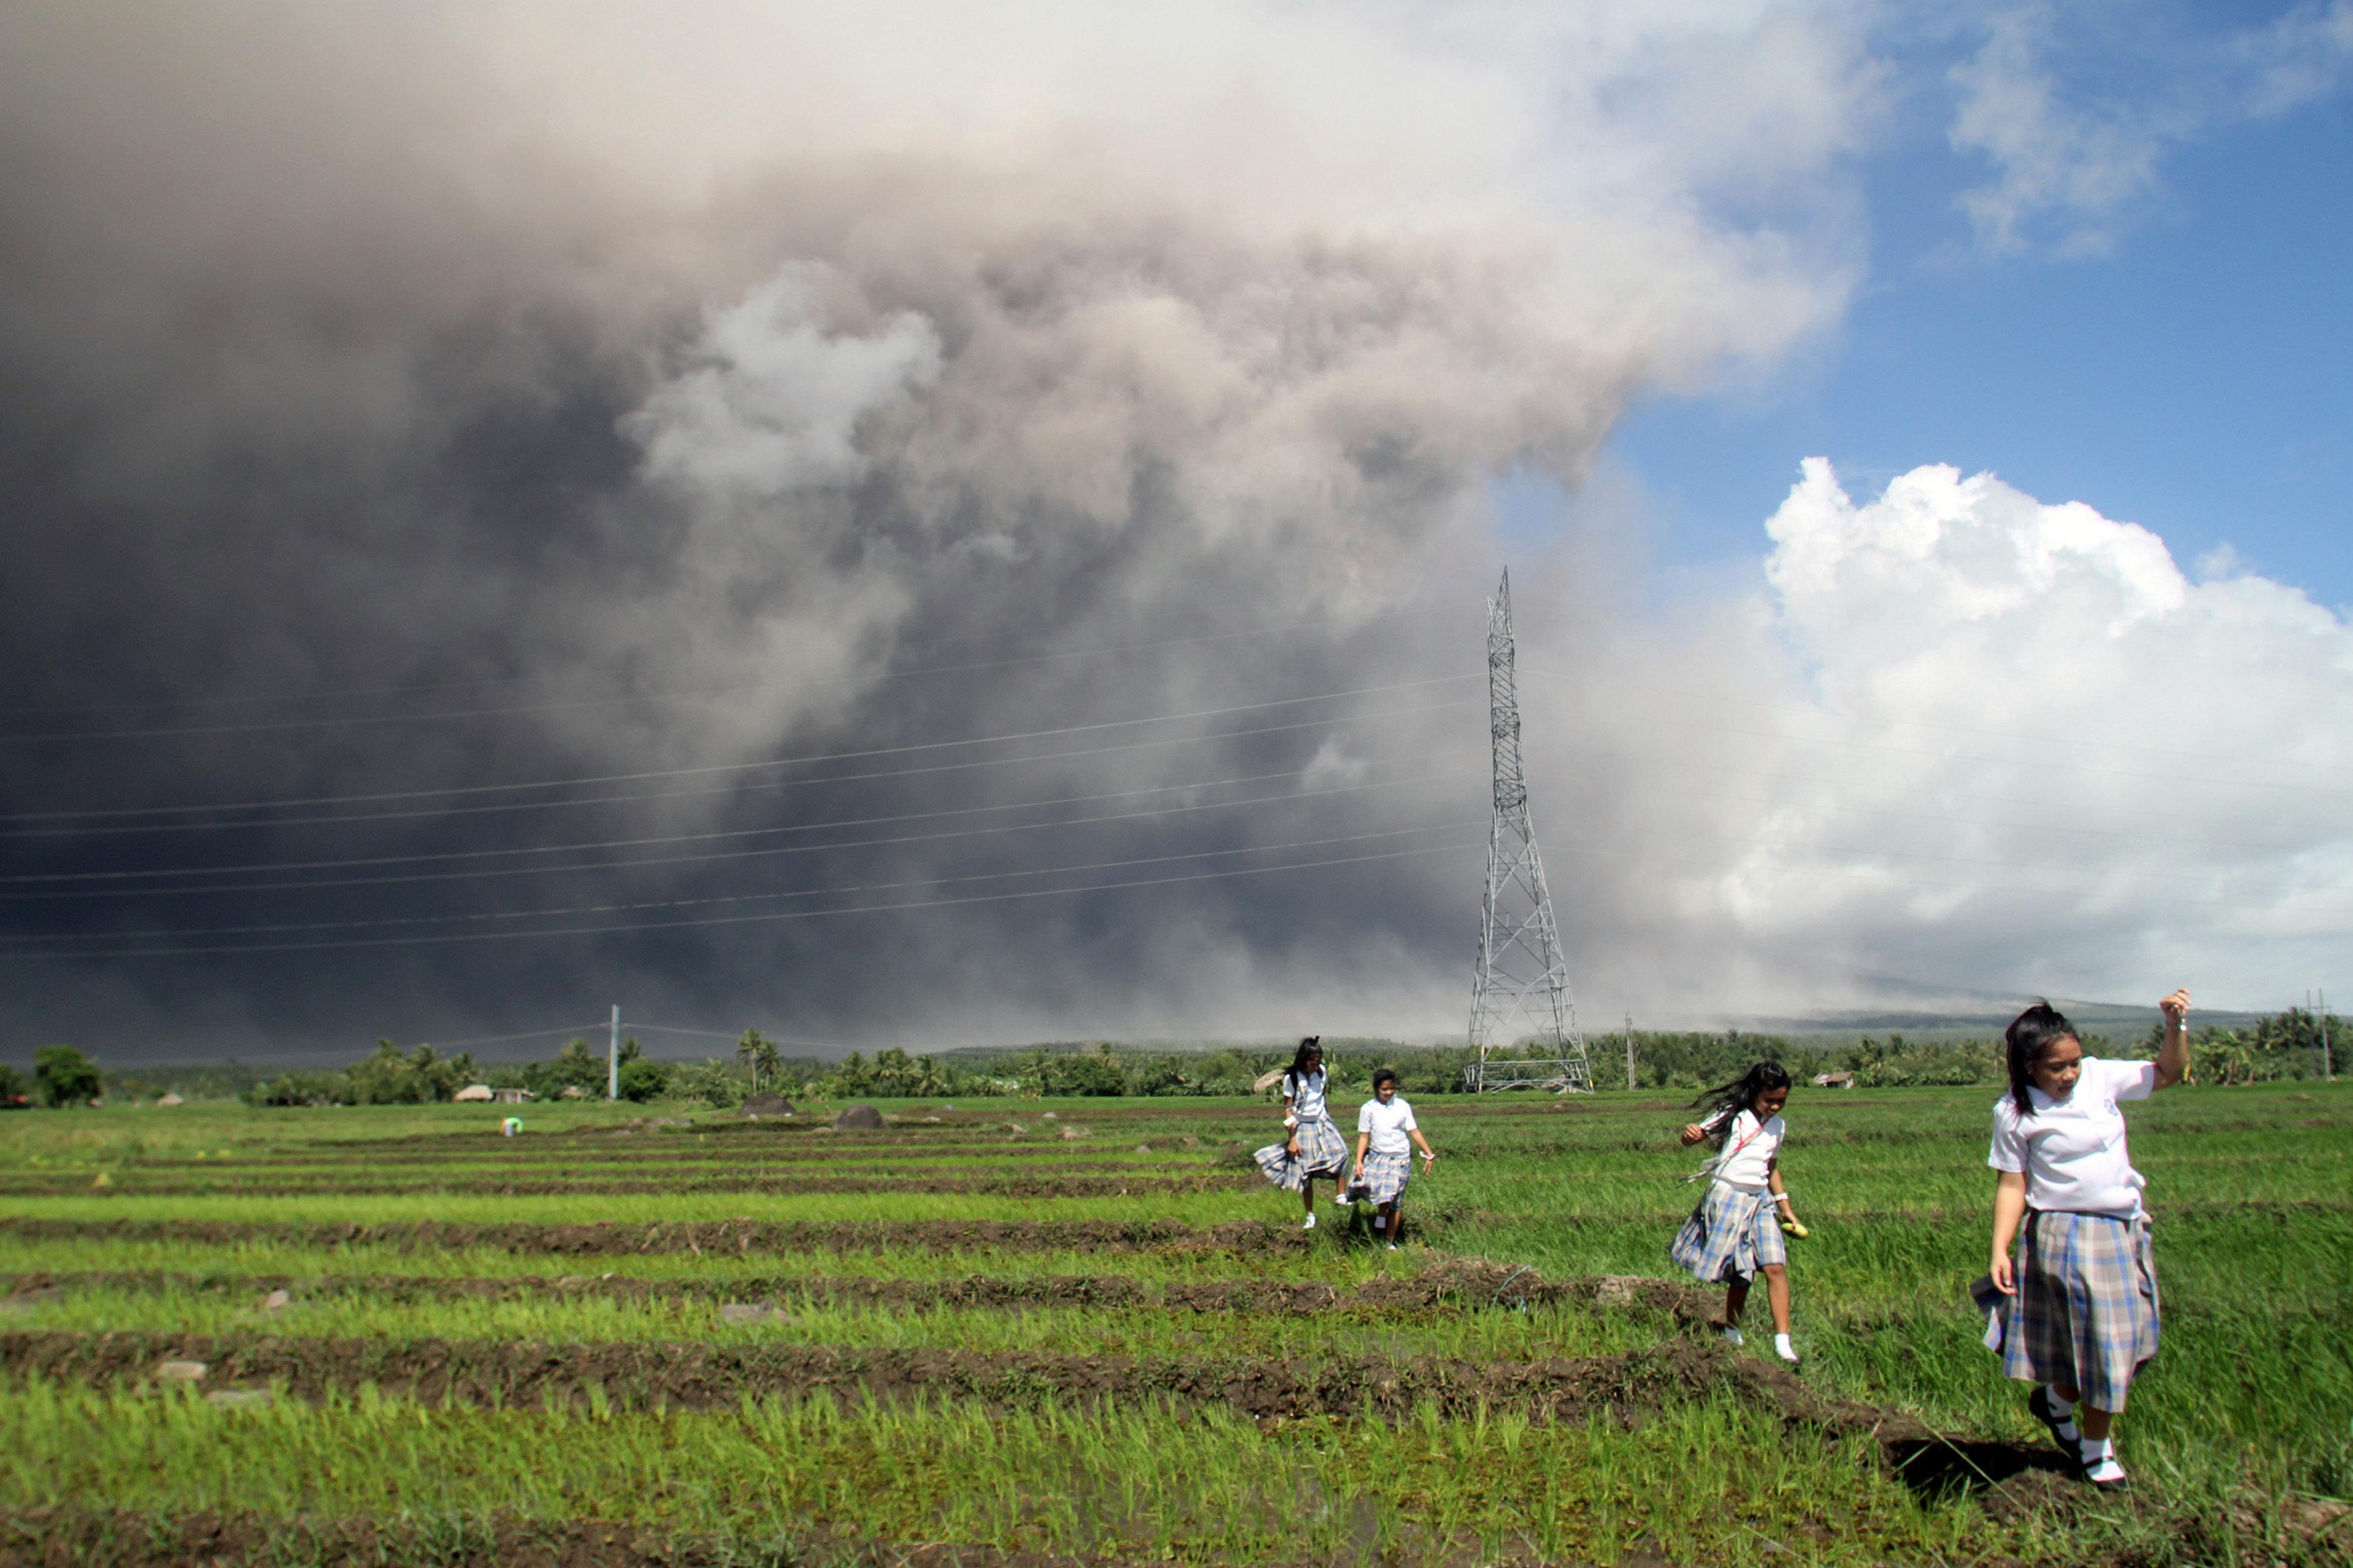 El volcán más activo de Filipinas arrojó chorros de lava y enormes columnas de cenizas durante la noche del lunes y la mañana del martes, después de que las autoridades advirtieran de una inminente y violenta erupción (Reuters)